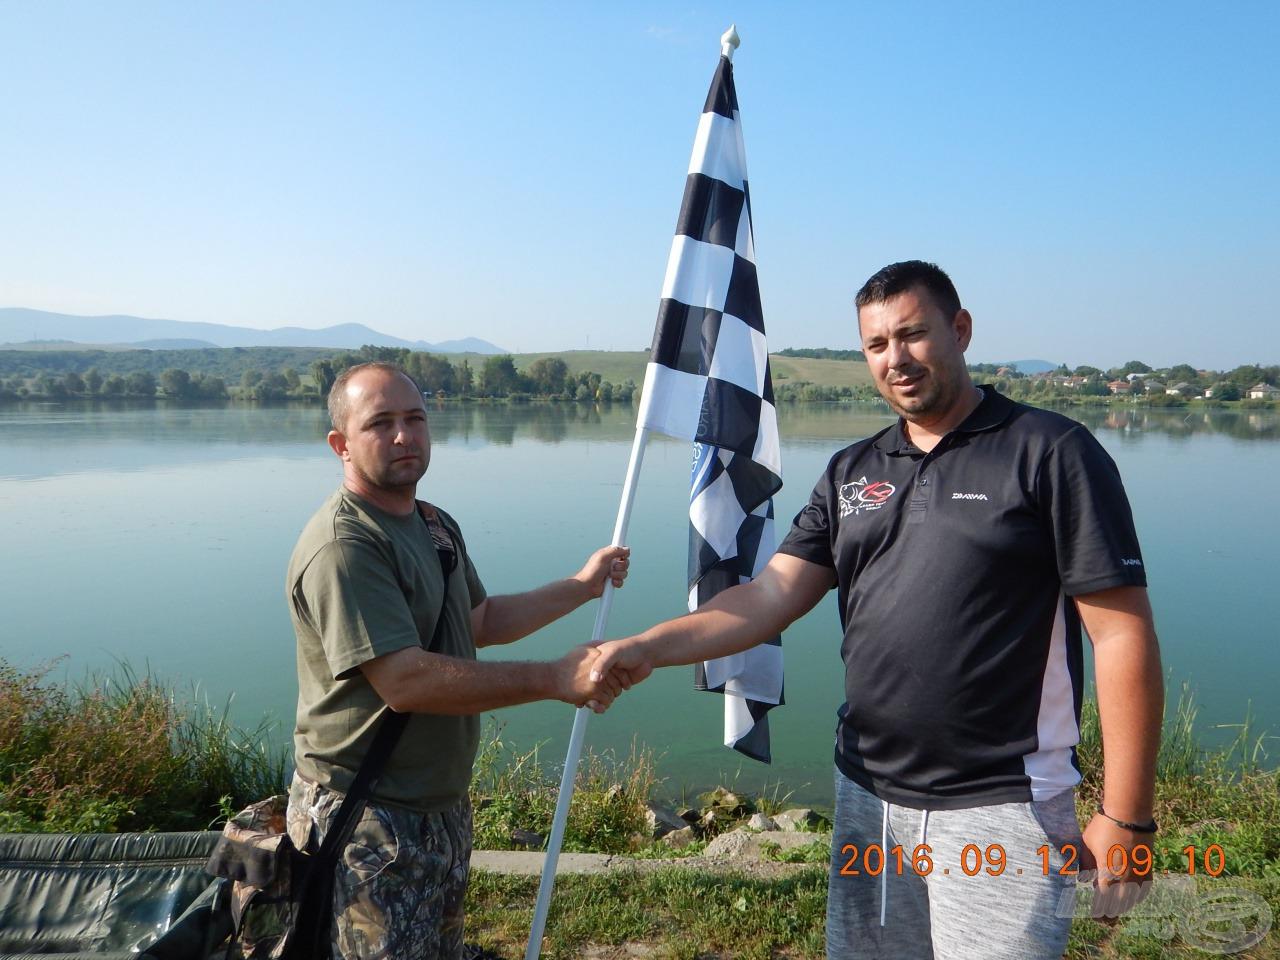 Harmadik gazdára lelt a legnagyobb halért járó kockás zászló